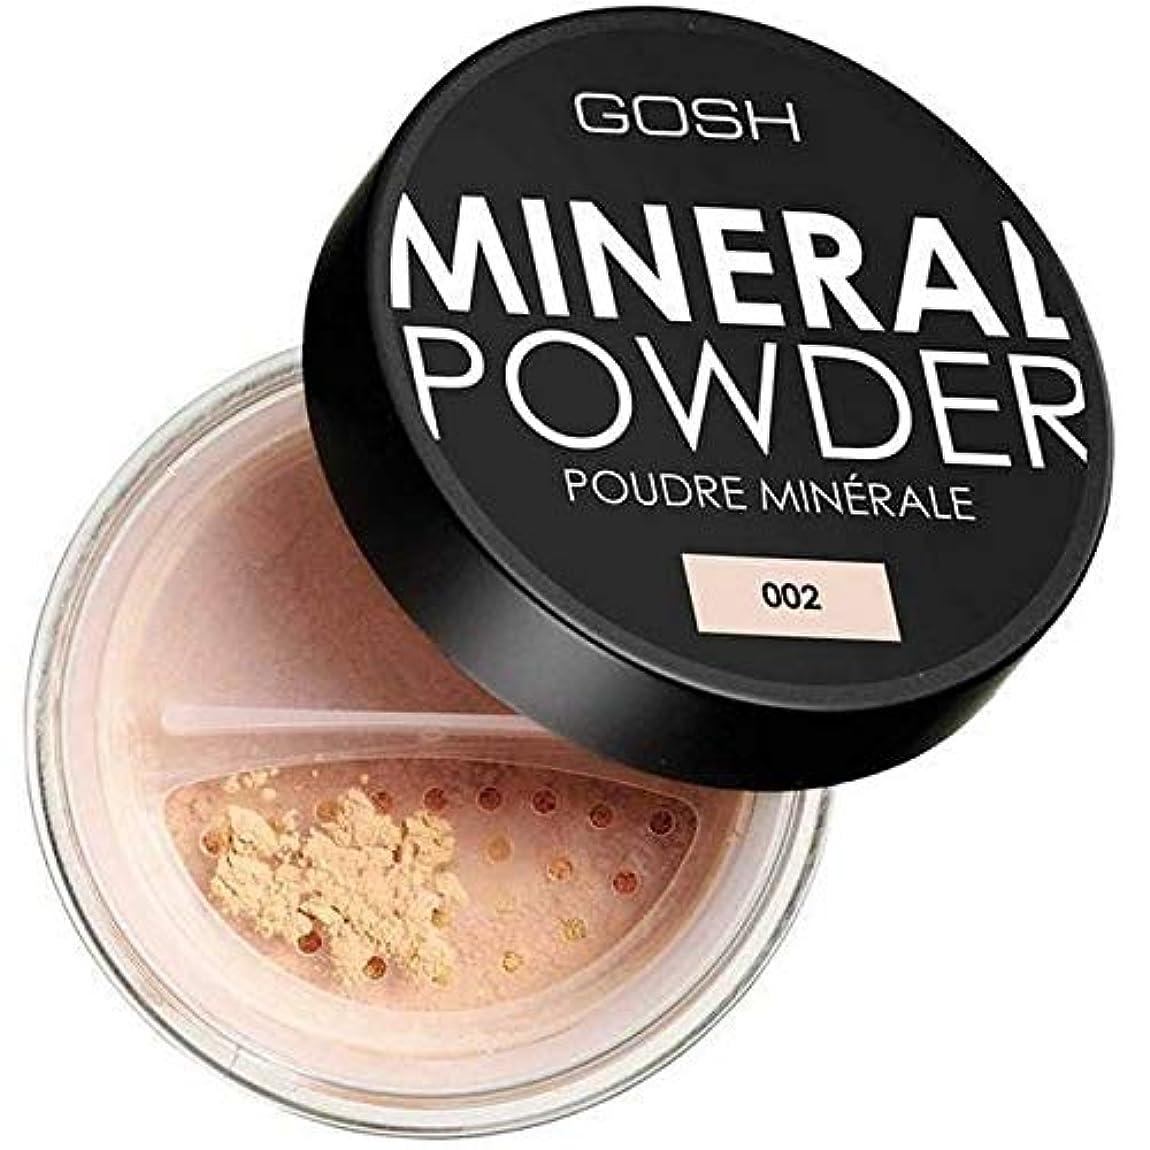 明快しわ瞑想的[GOSH ] おやっミネラルフルカバーファンデーションパウダーアイボリー002 - GOSH Mineral Full Coverage Foundation Powder Ivory 002 [並行輸入品]